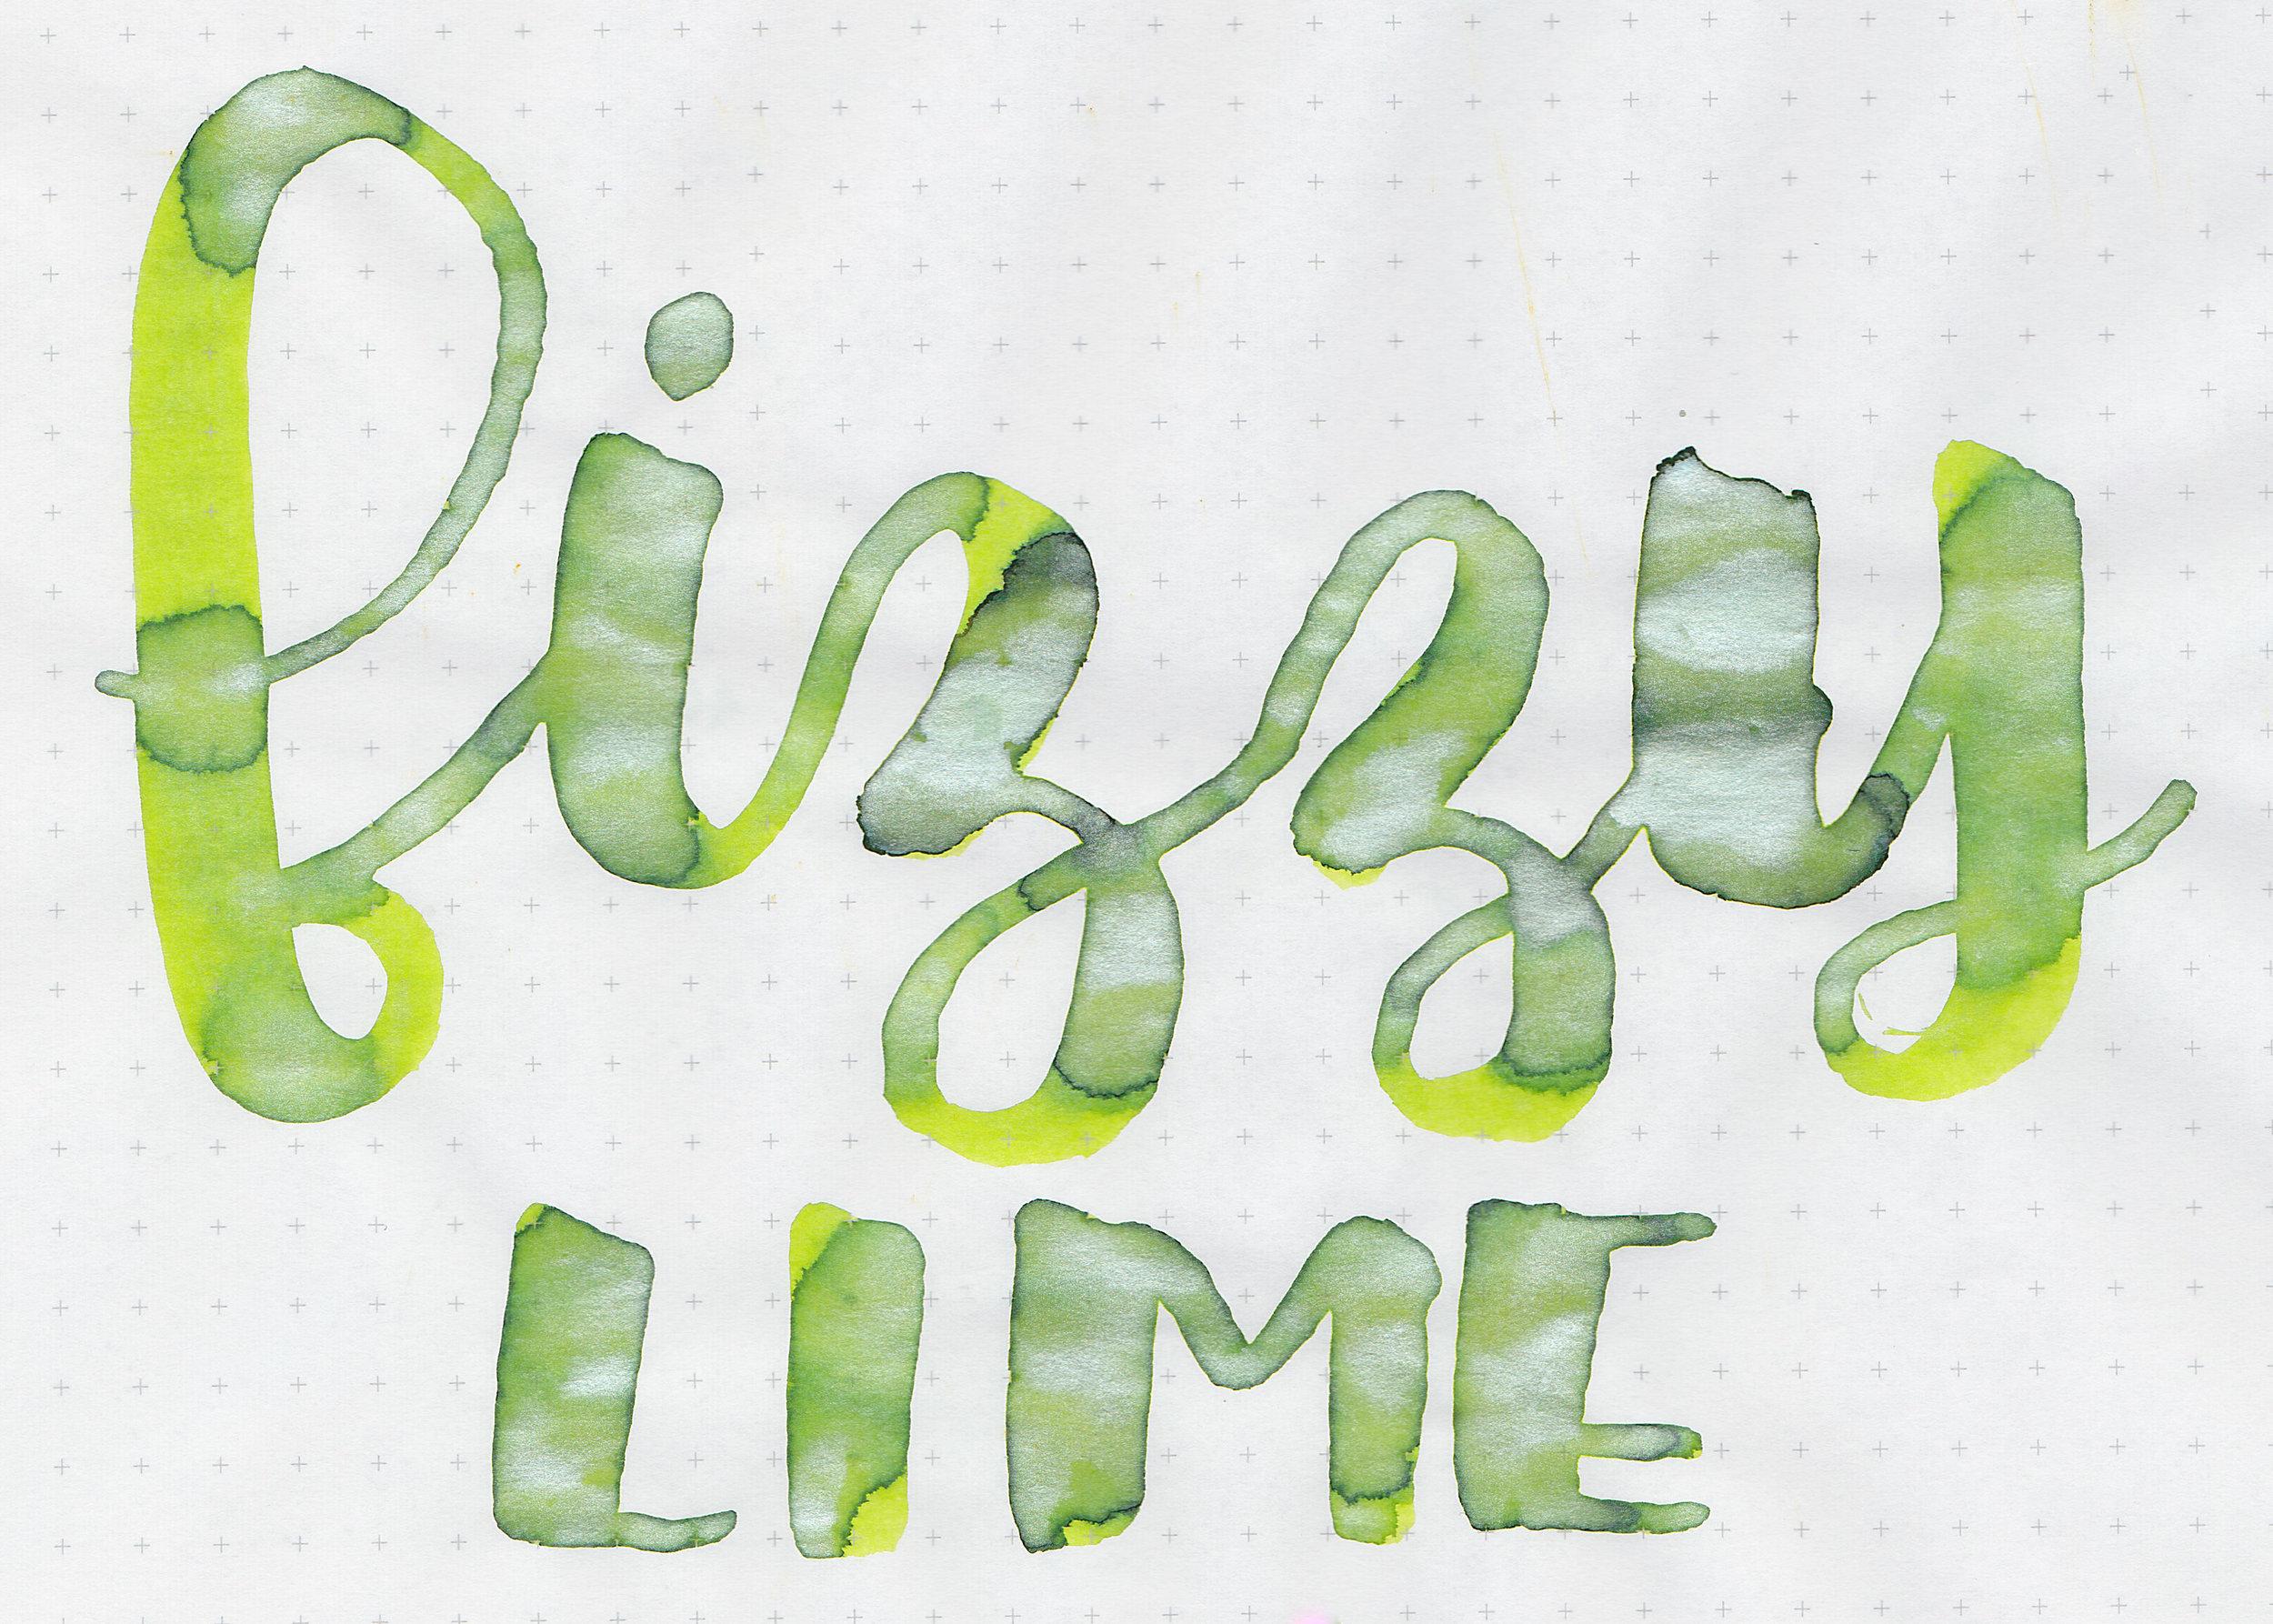 ro-fizzy-lime-2.jpg